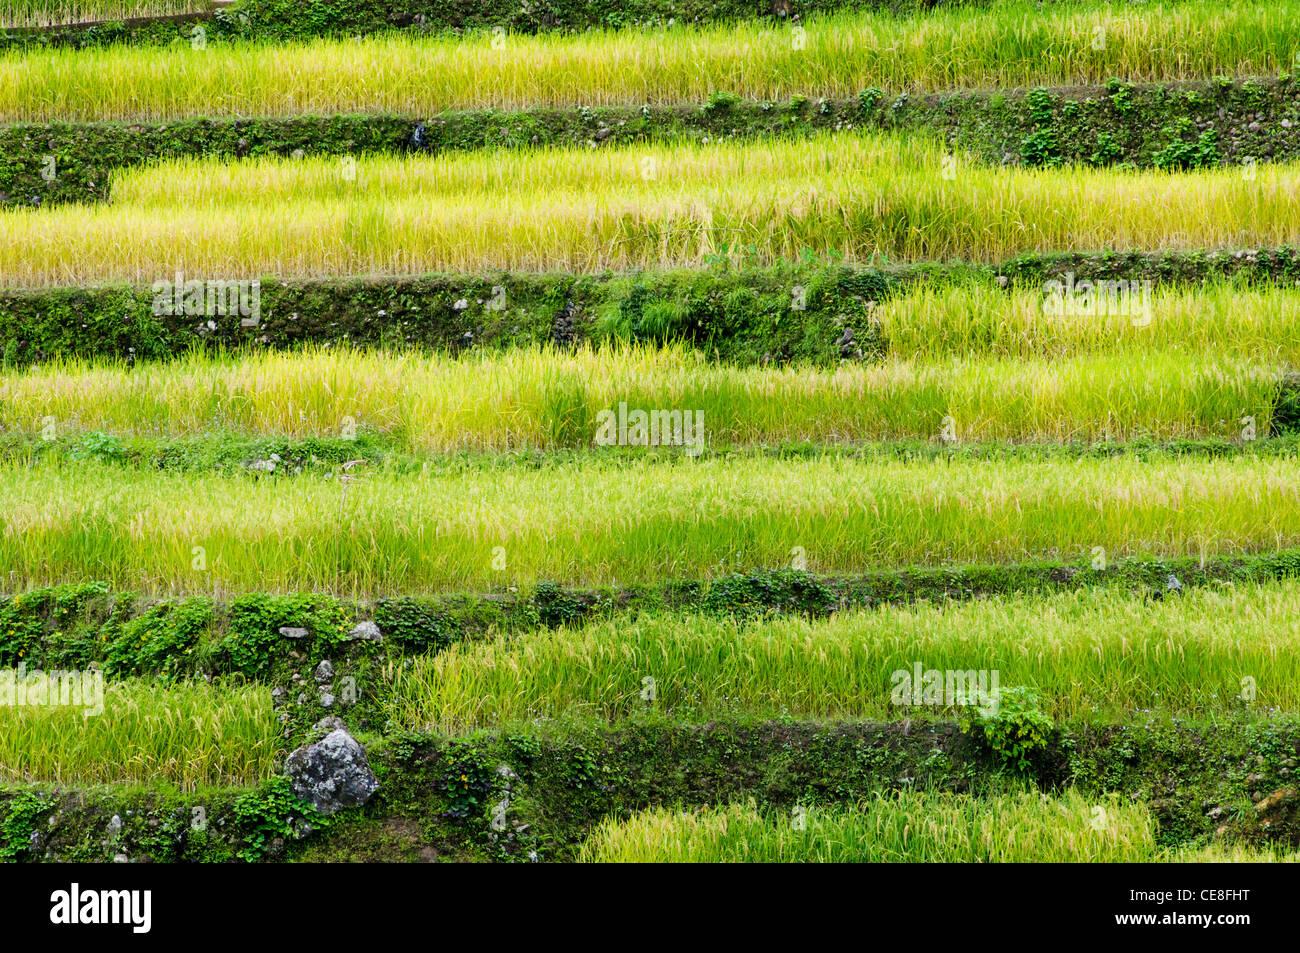 eine Seitenansicht der Reisterrassen in Philippinen. Stockfoto